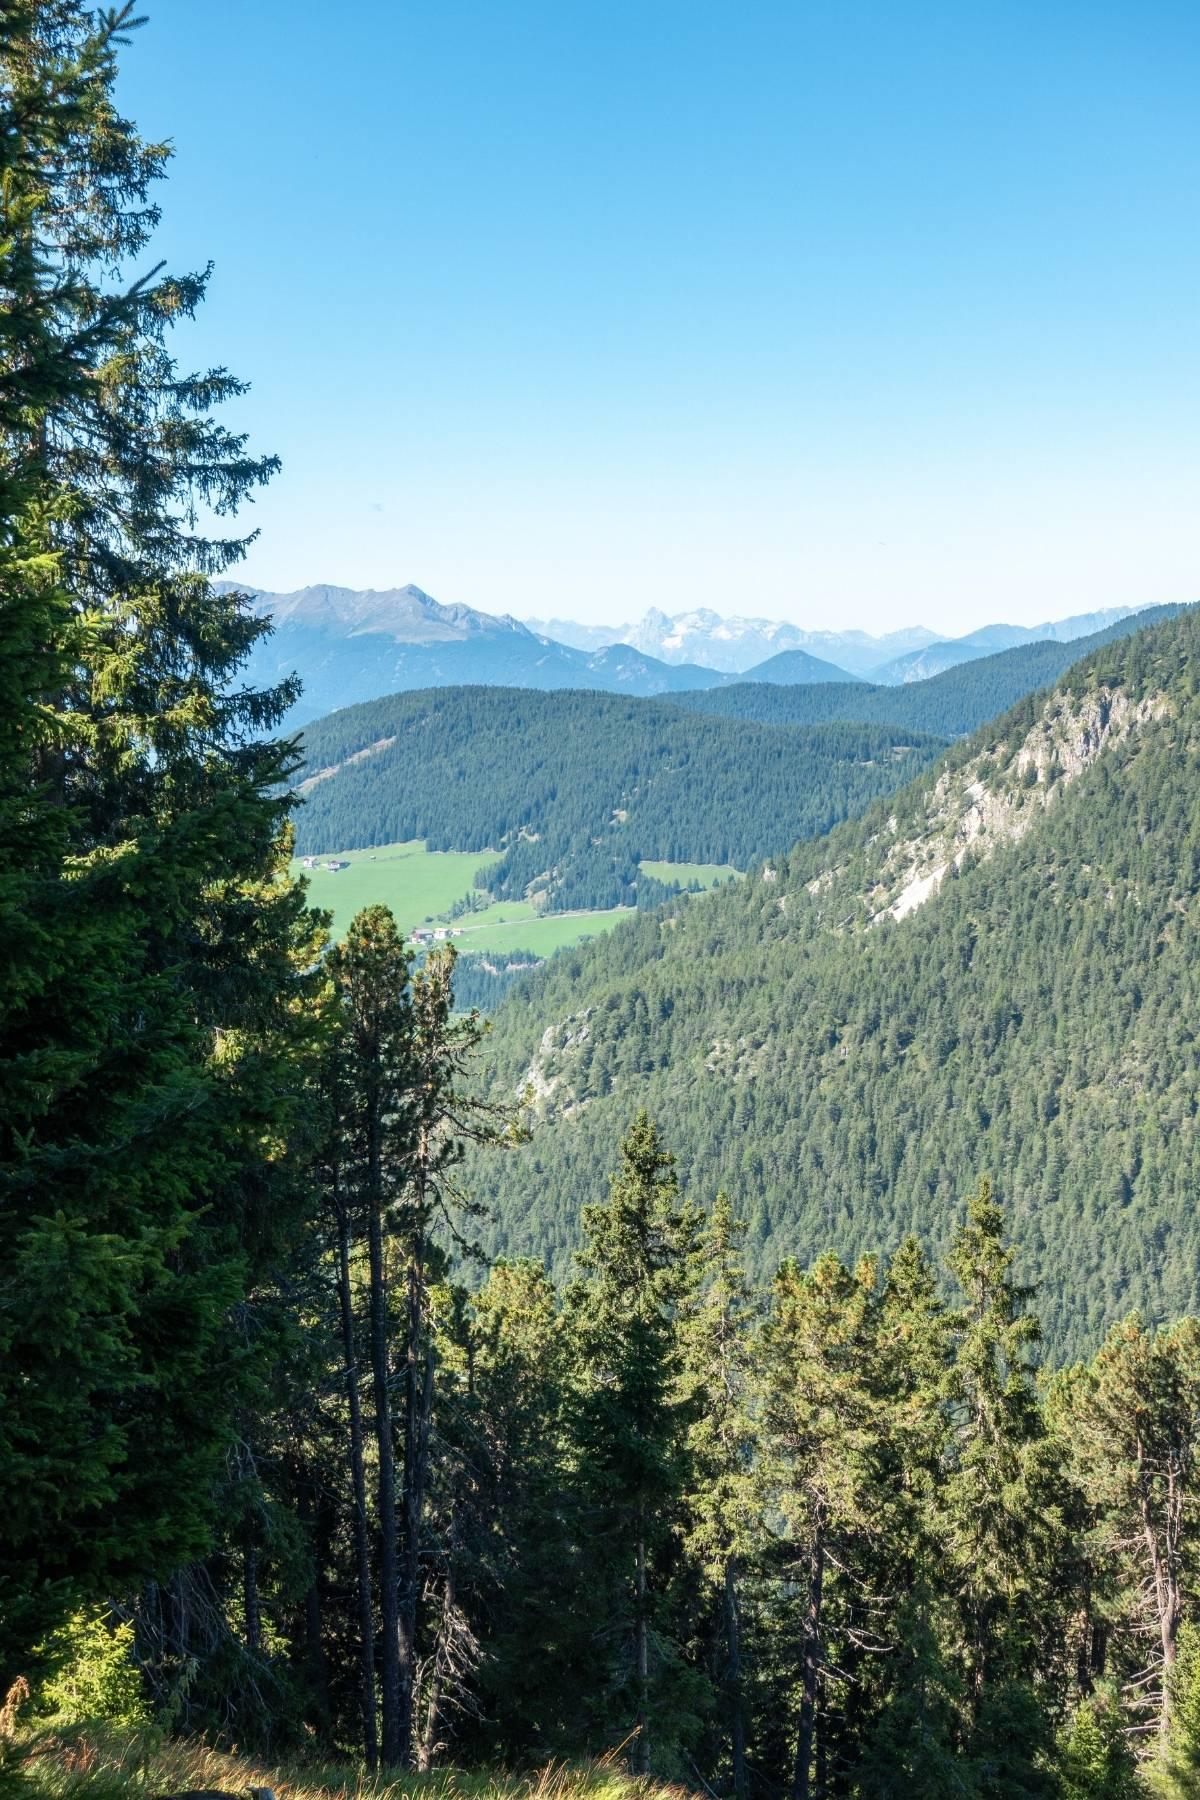 Adolf Munkel Weg in the Dolomites, Italy